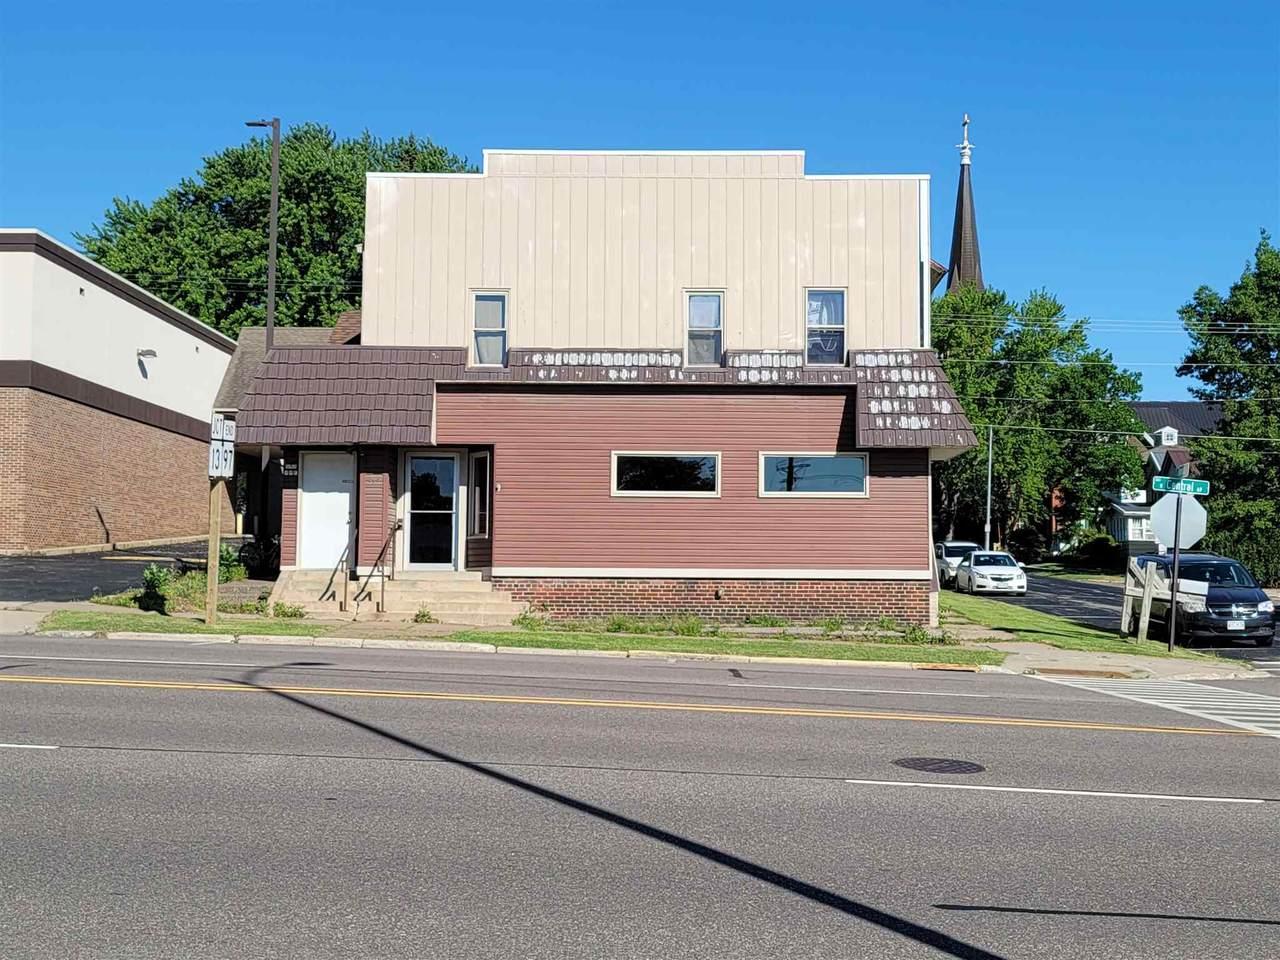 212-104 W. Blodgett Central Avenue - Photo 1